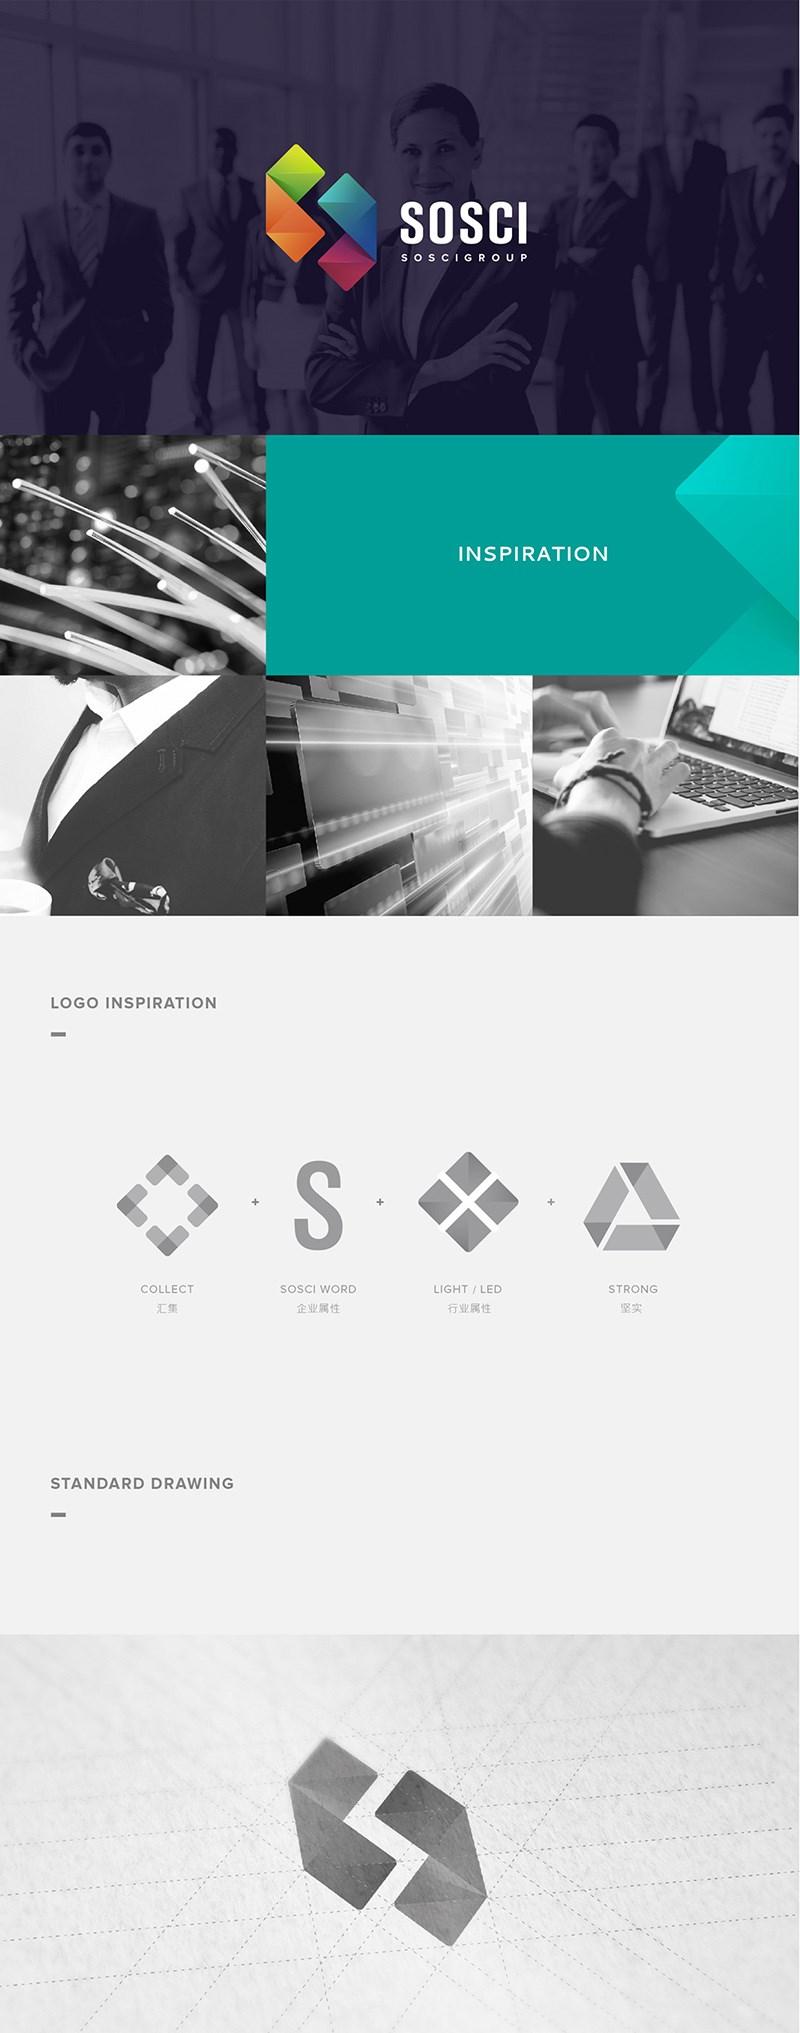 索赛科技公司品牌形象升级